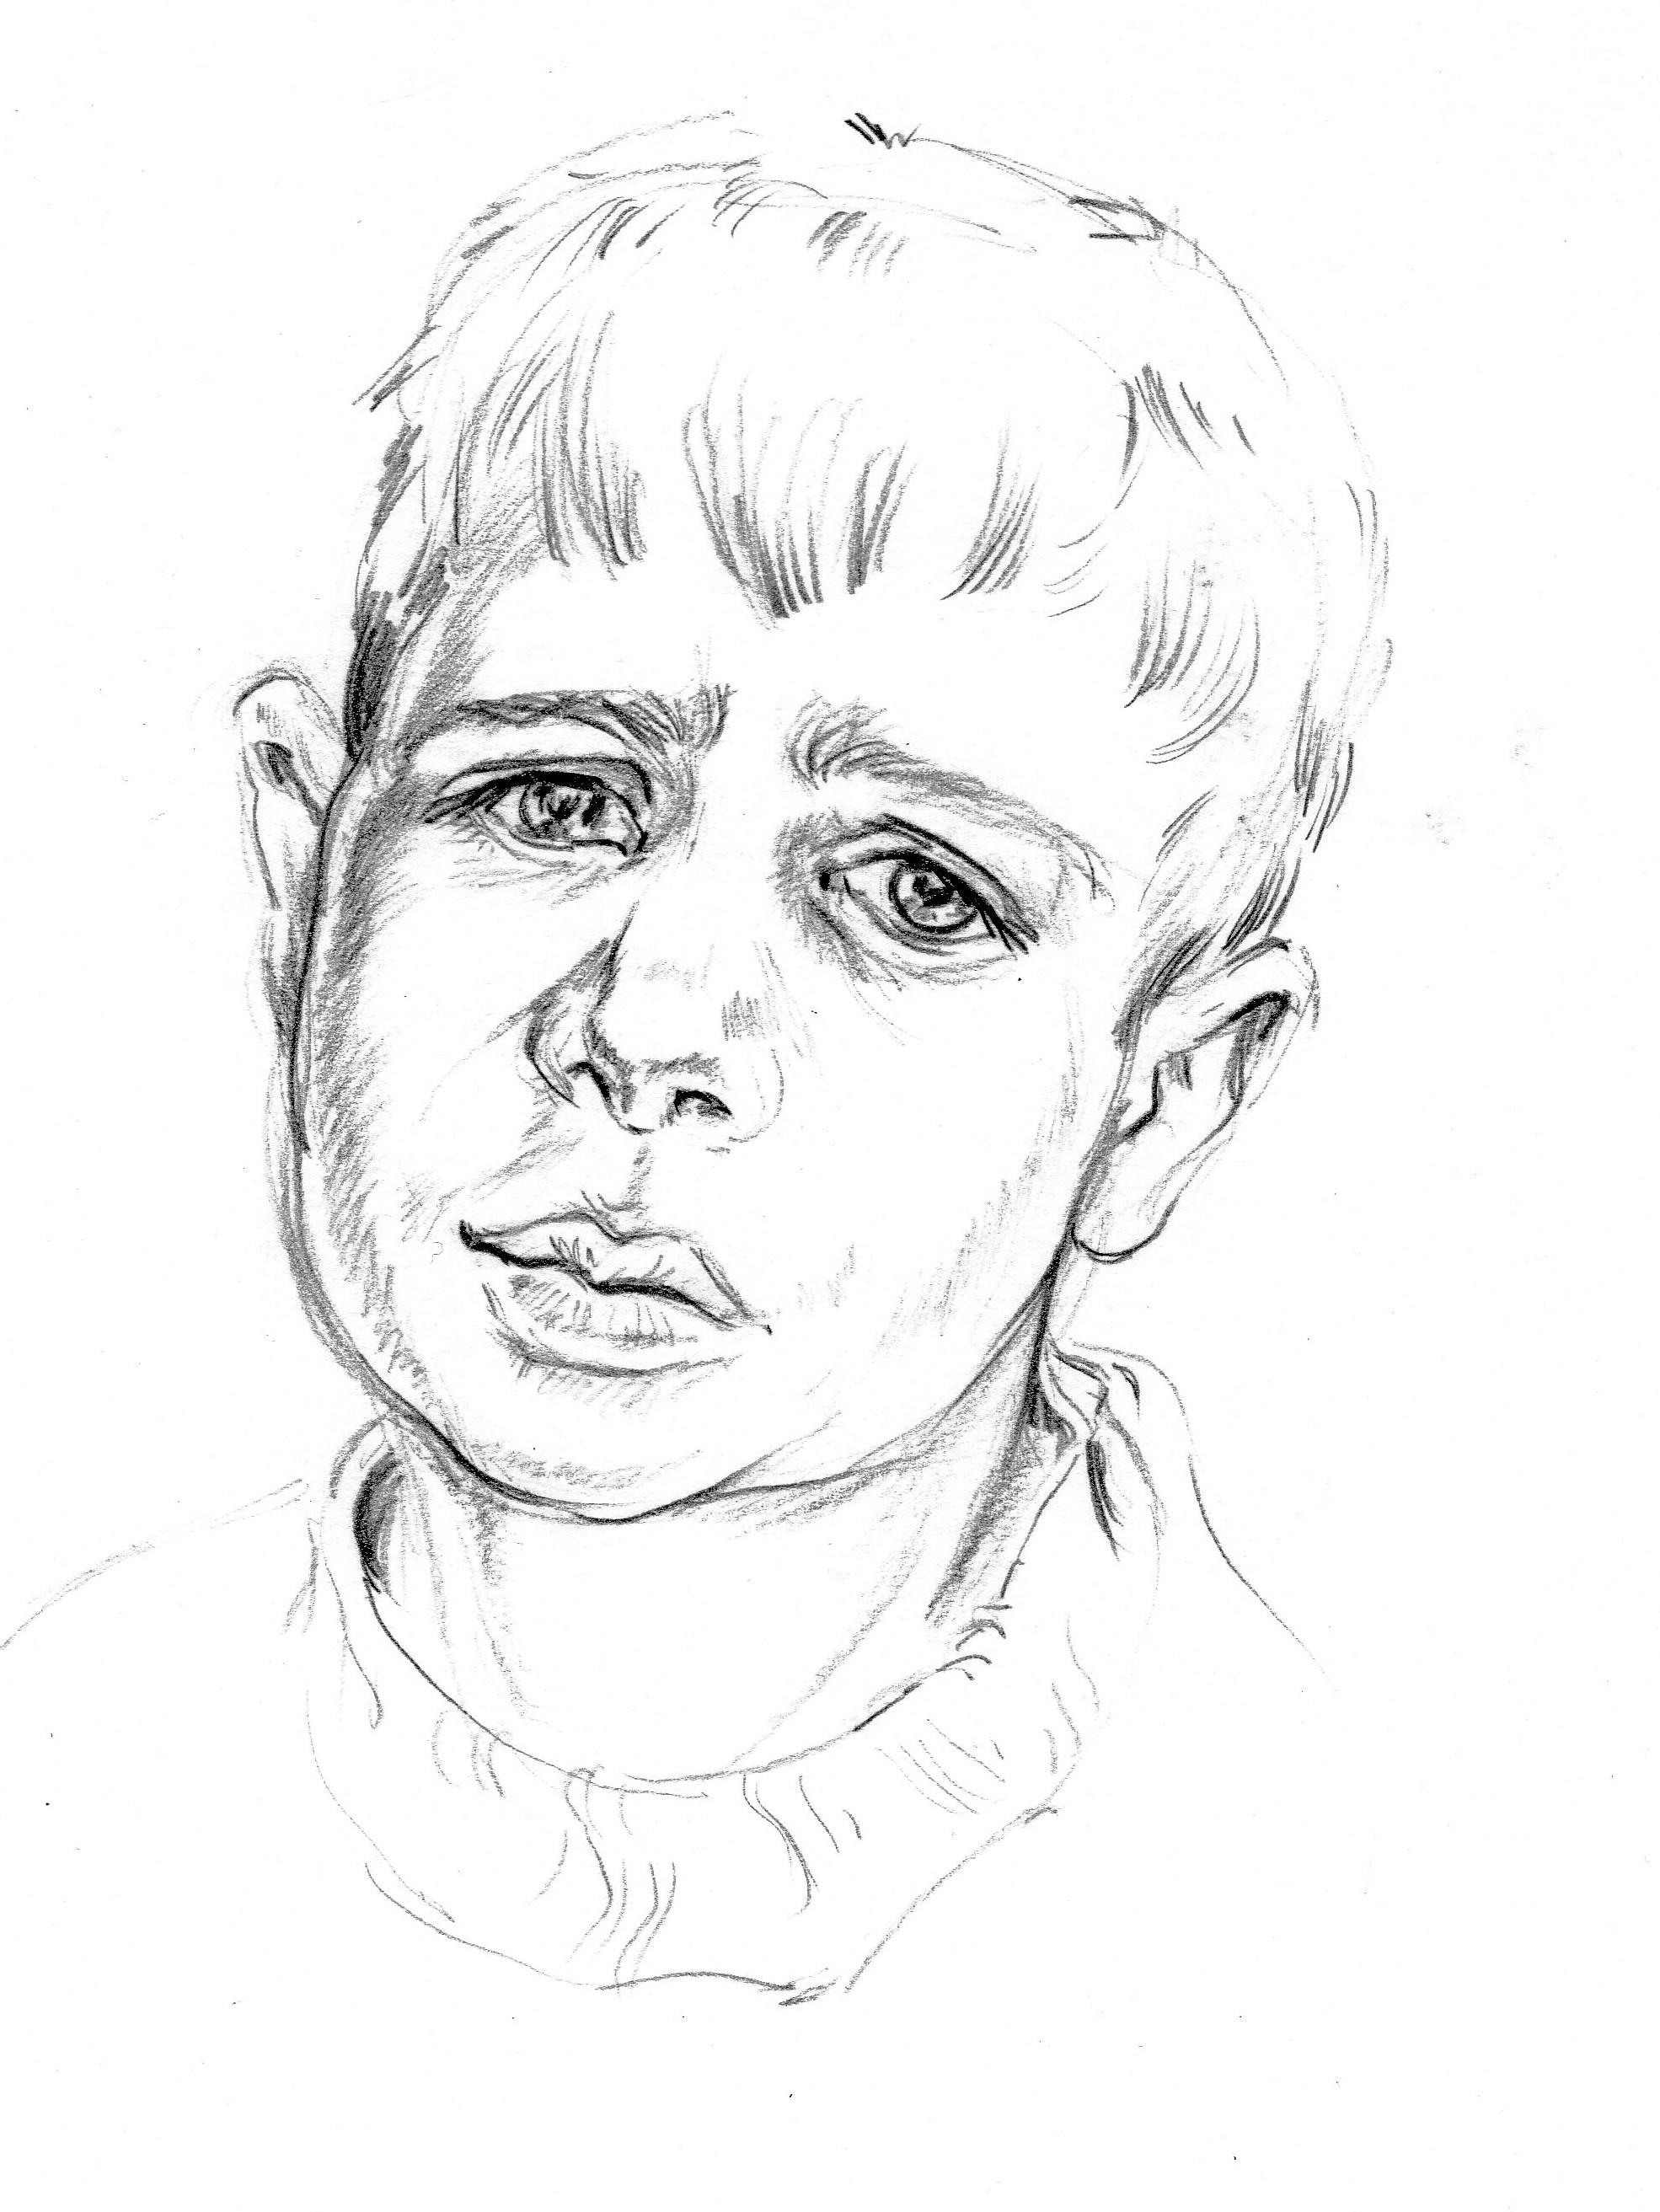 Picasa boy